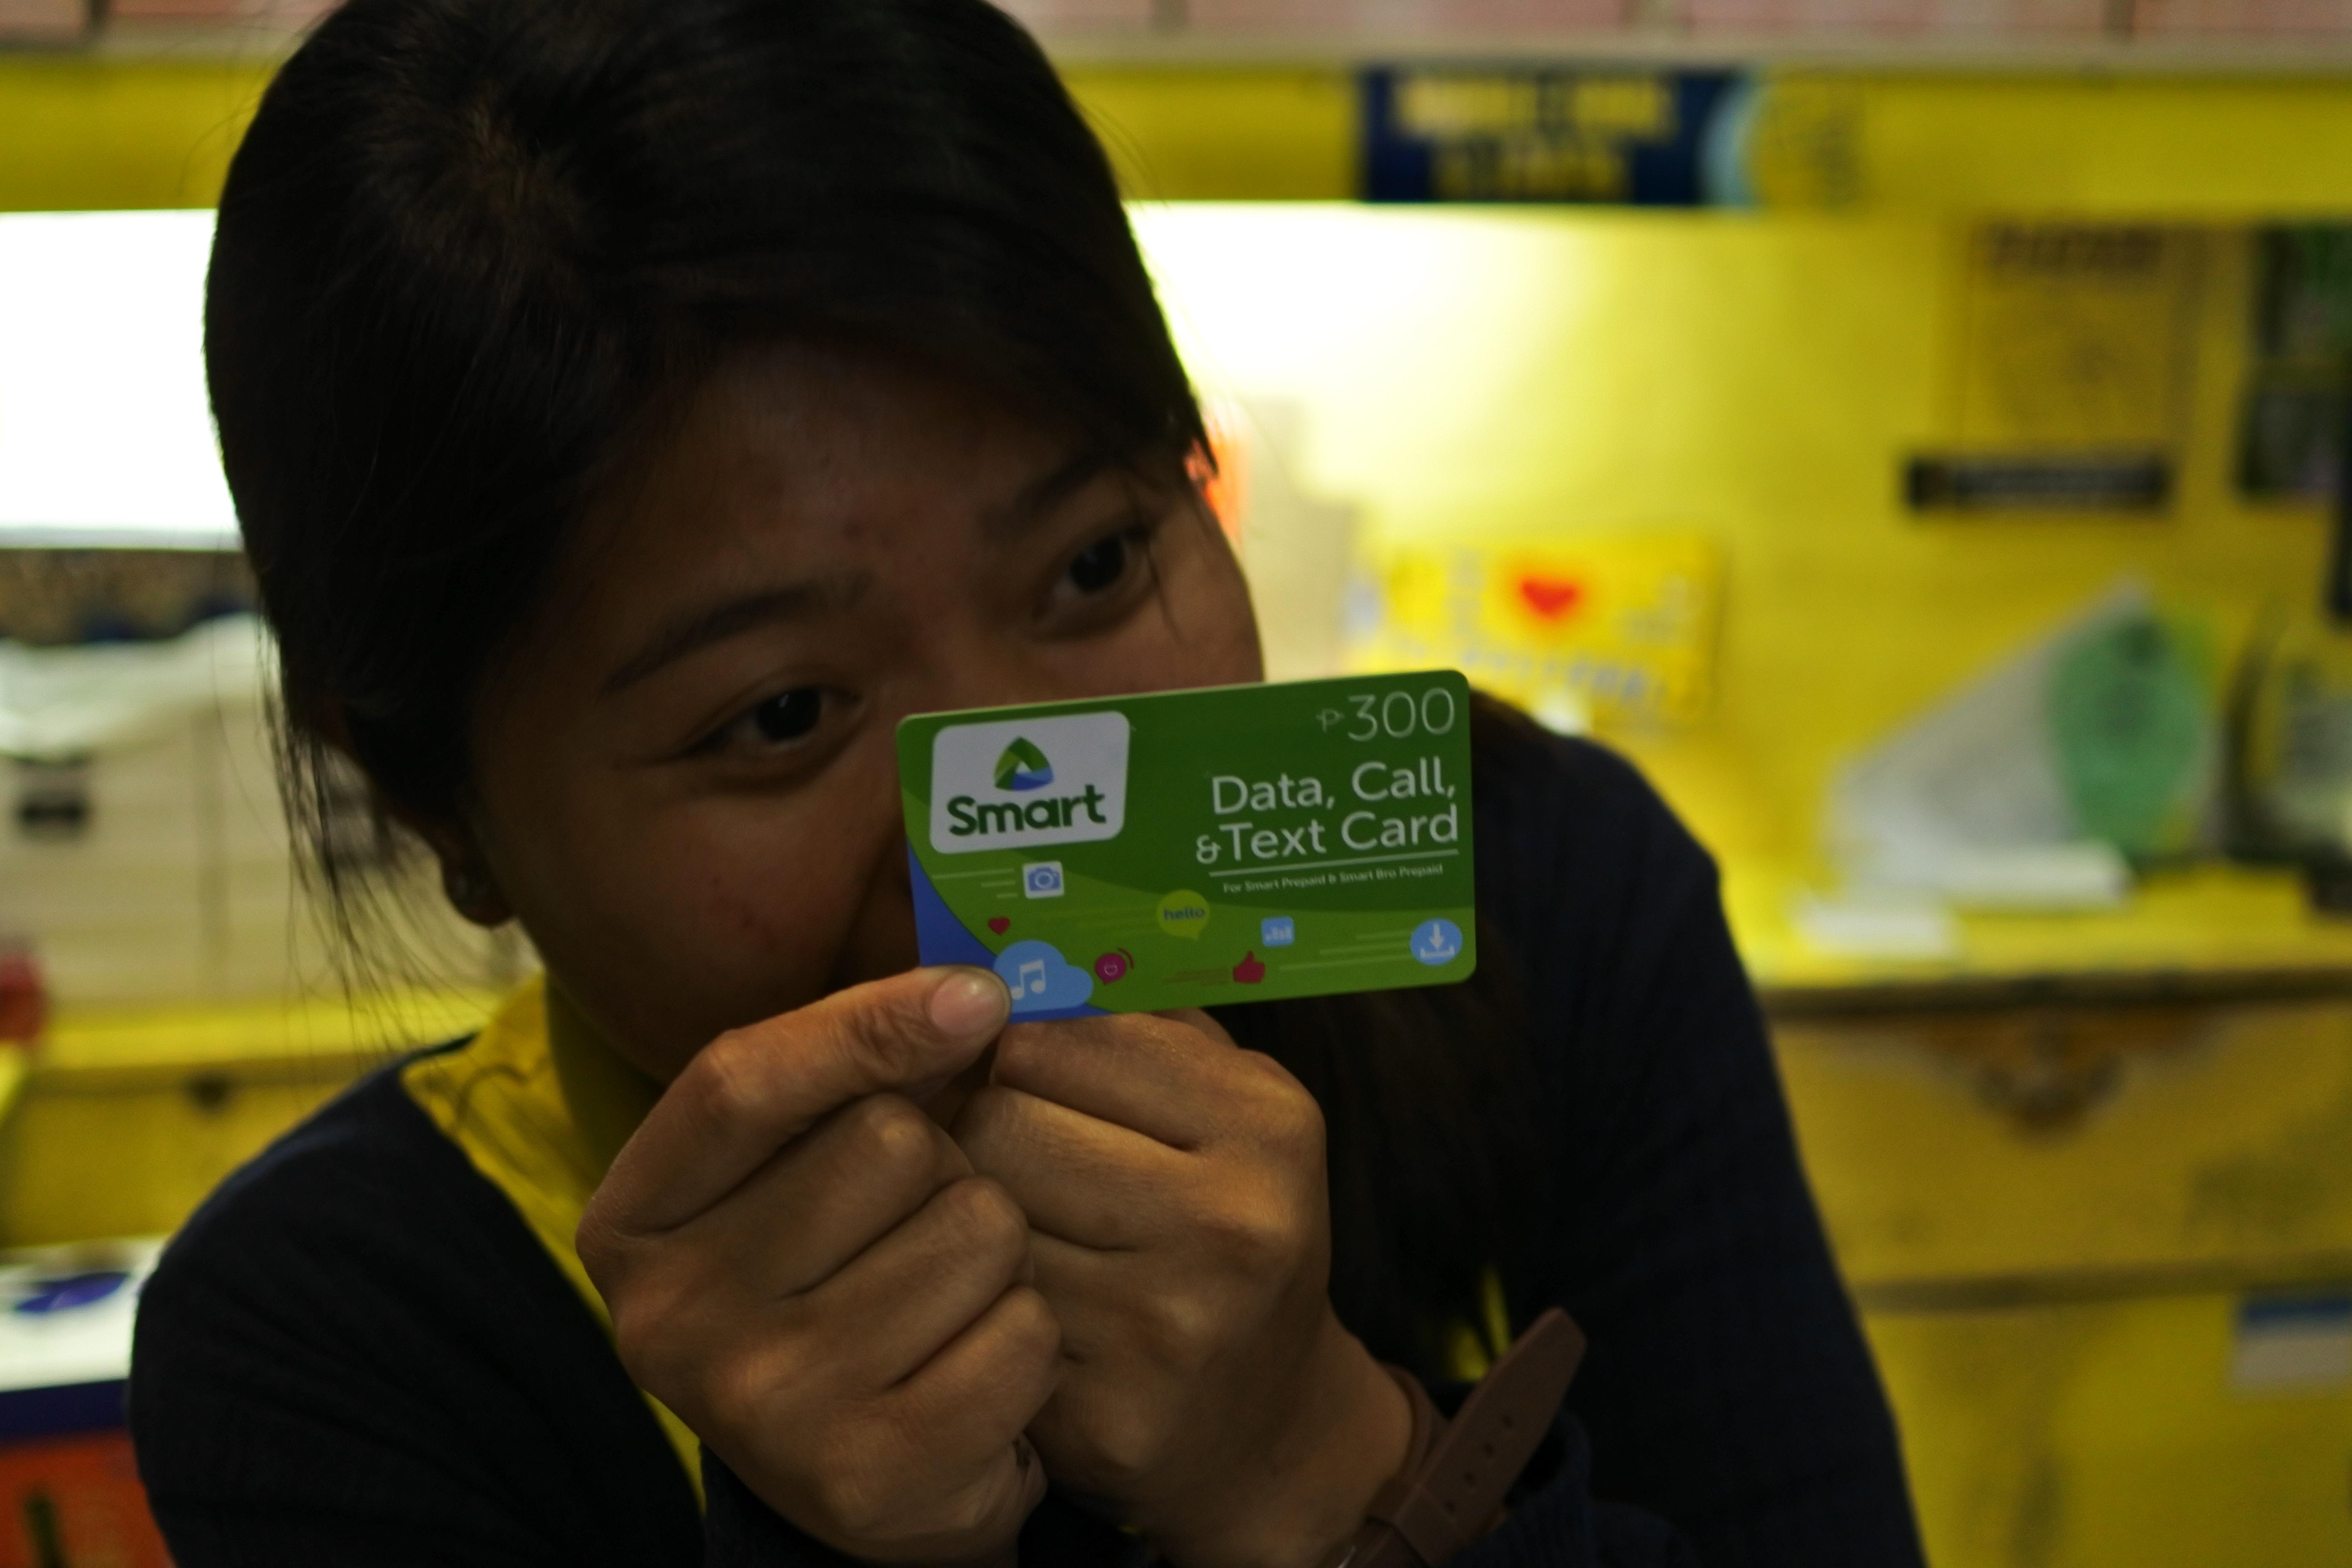 フィリピン中短期滞在のWifiはたぶんプリペイドLTEで解決